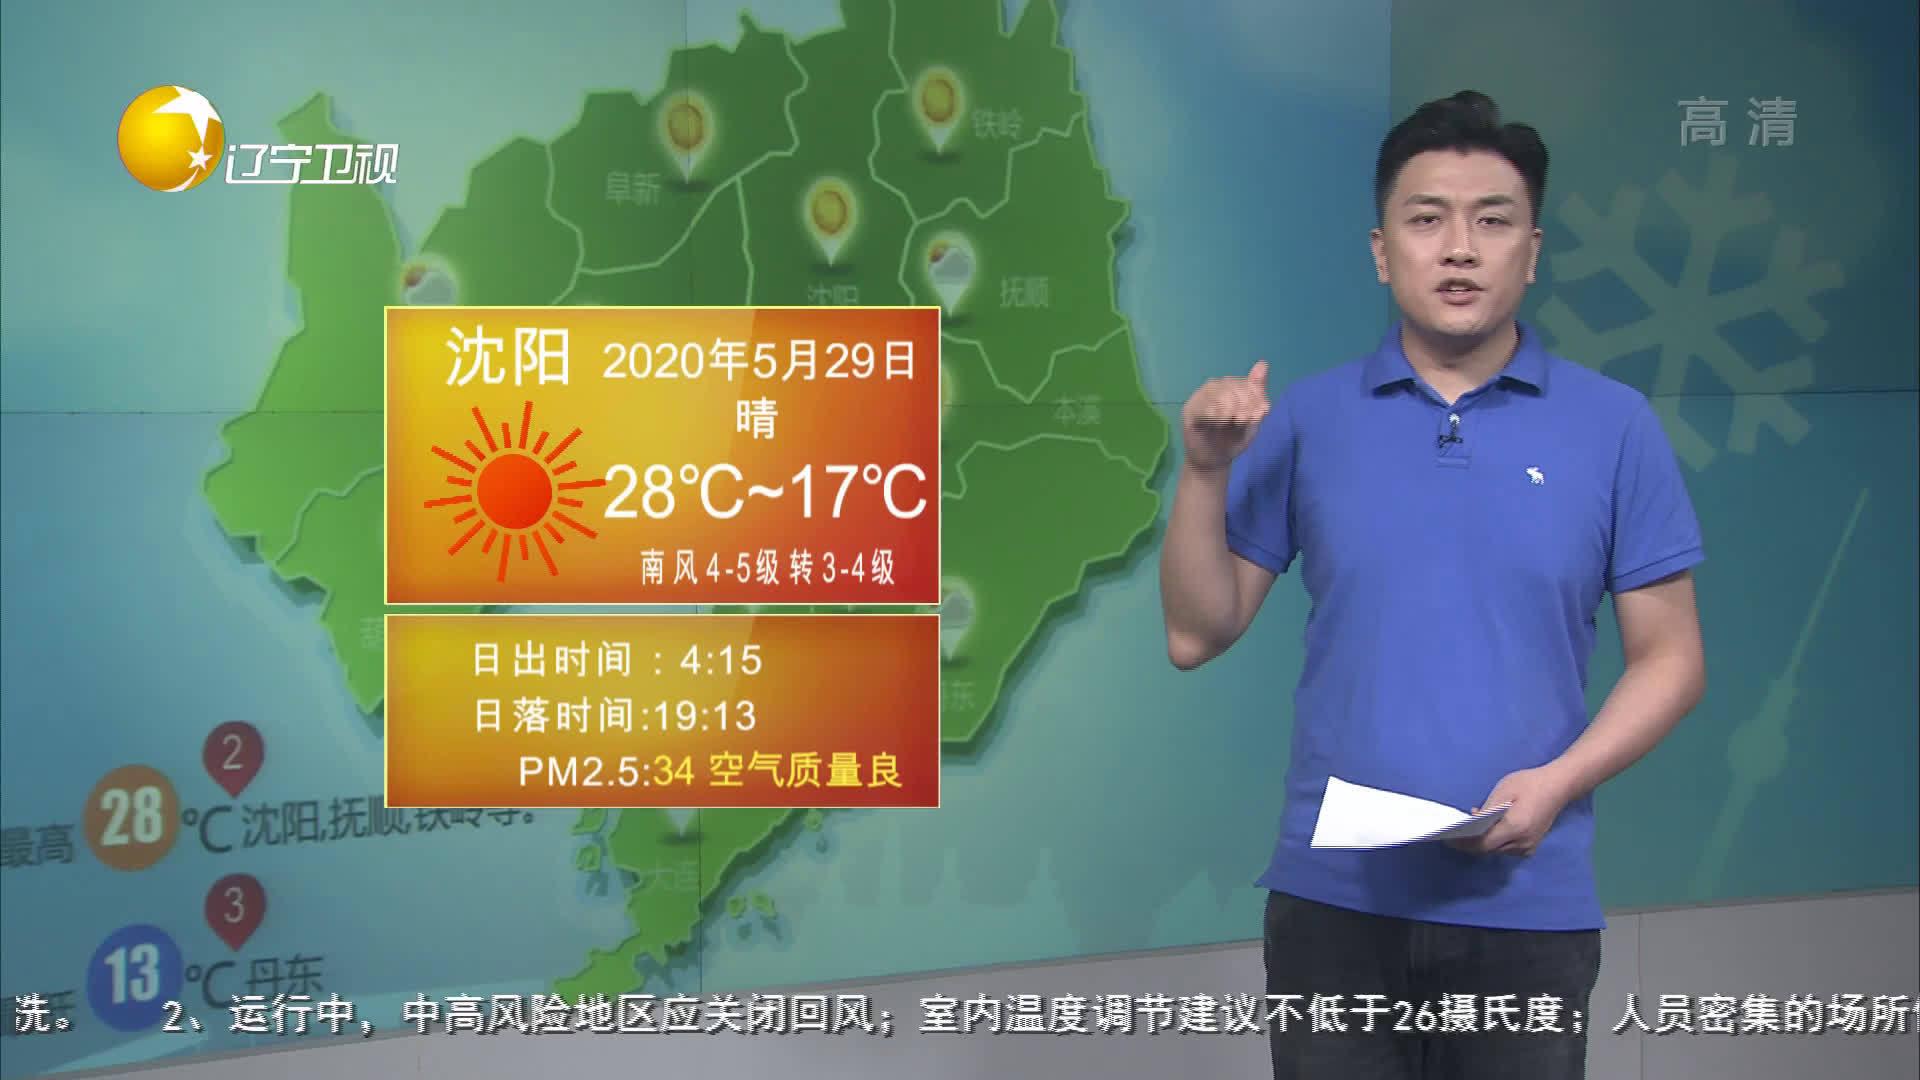 辽宁:大连等地分散性降雨天气早晚有些凉